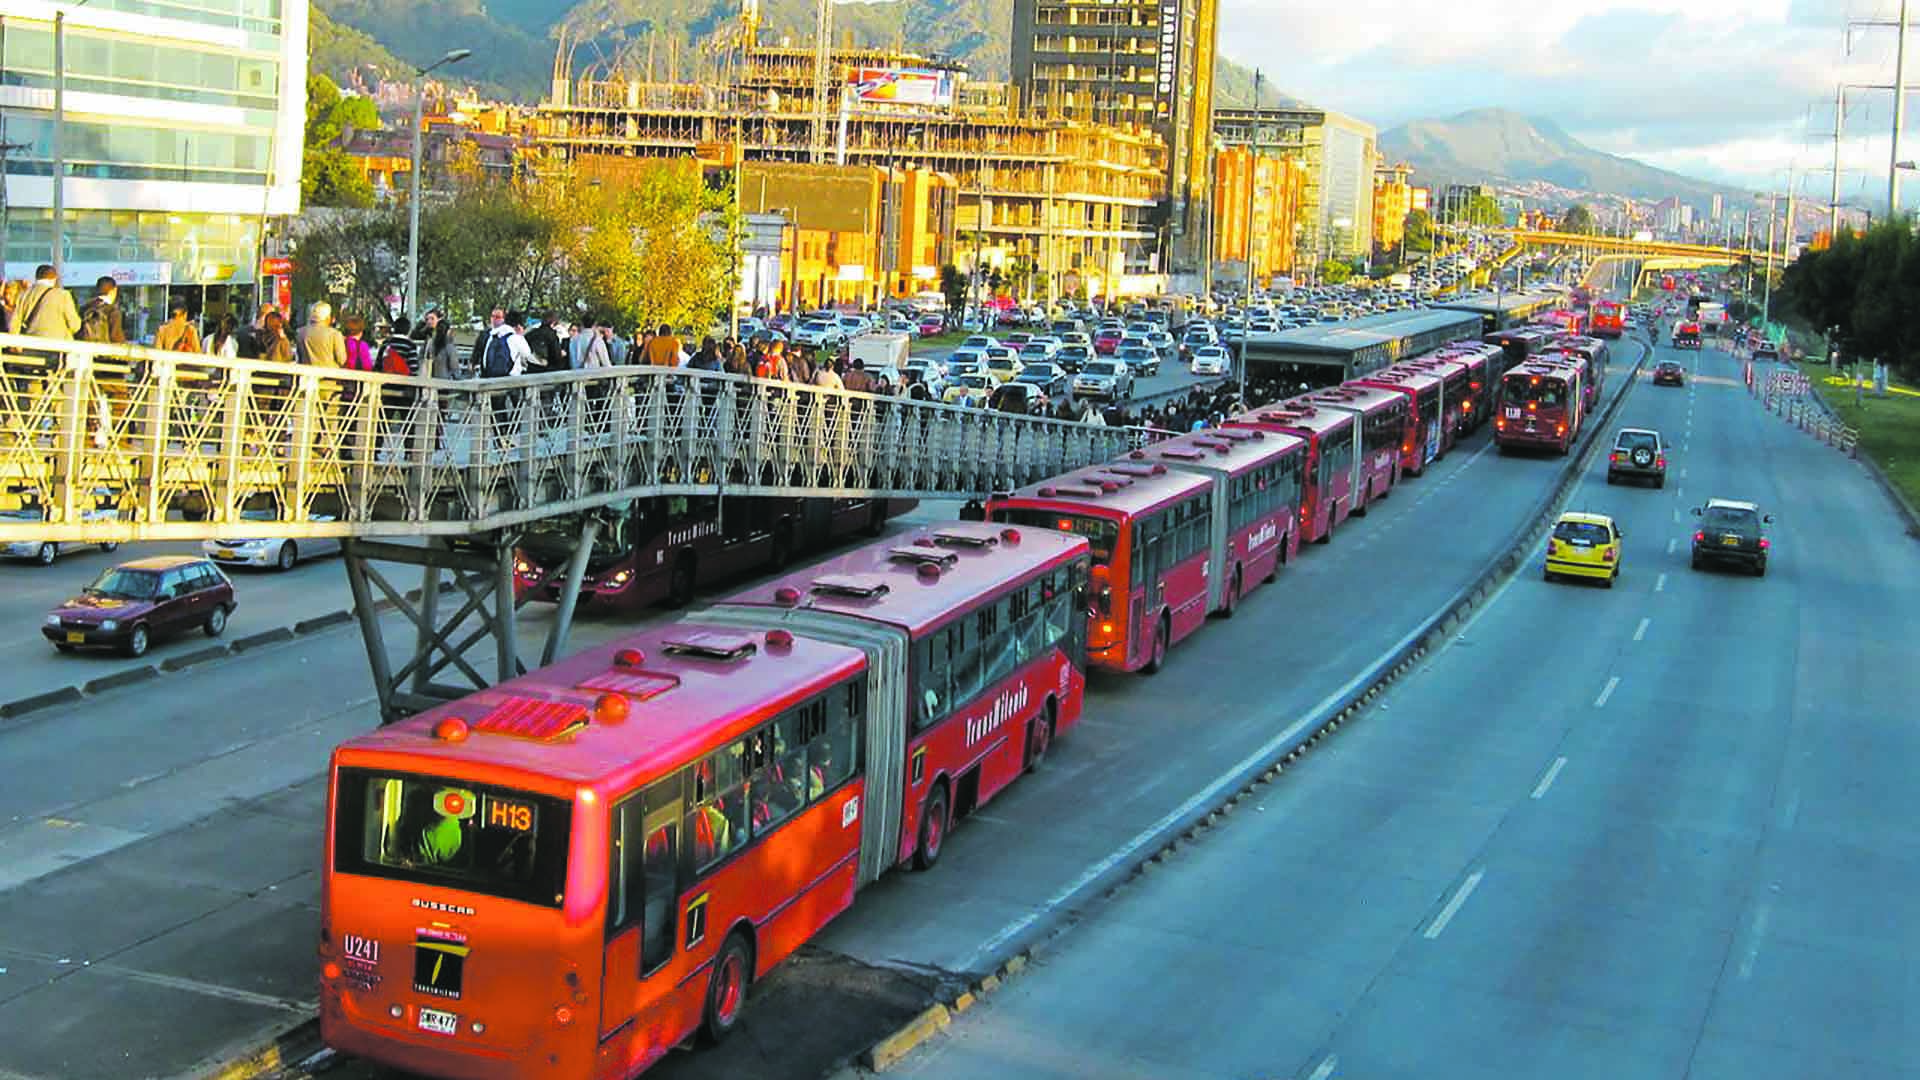 Las agresiones comenzaron cuando los usuarios bloquearon una de las principales avenidas de la ciudad debido a la demora del TransMilenio